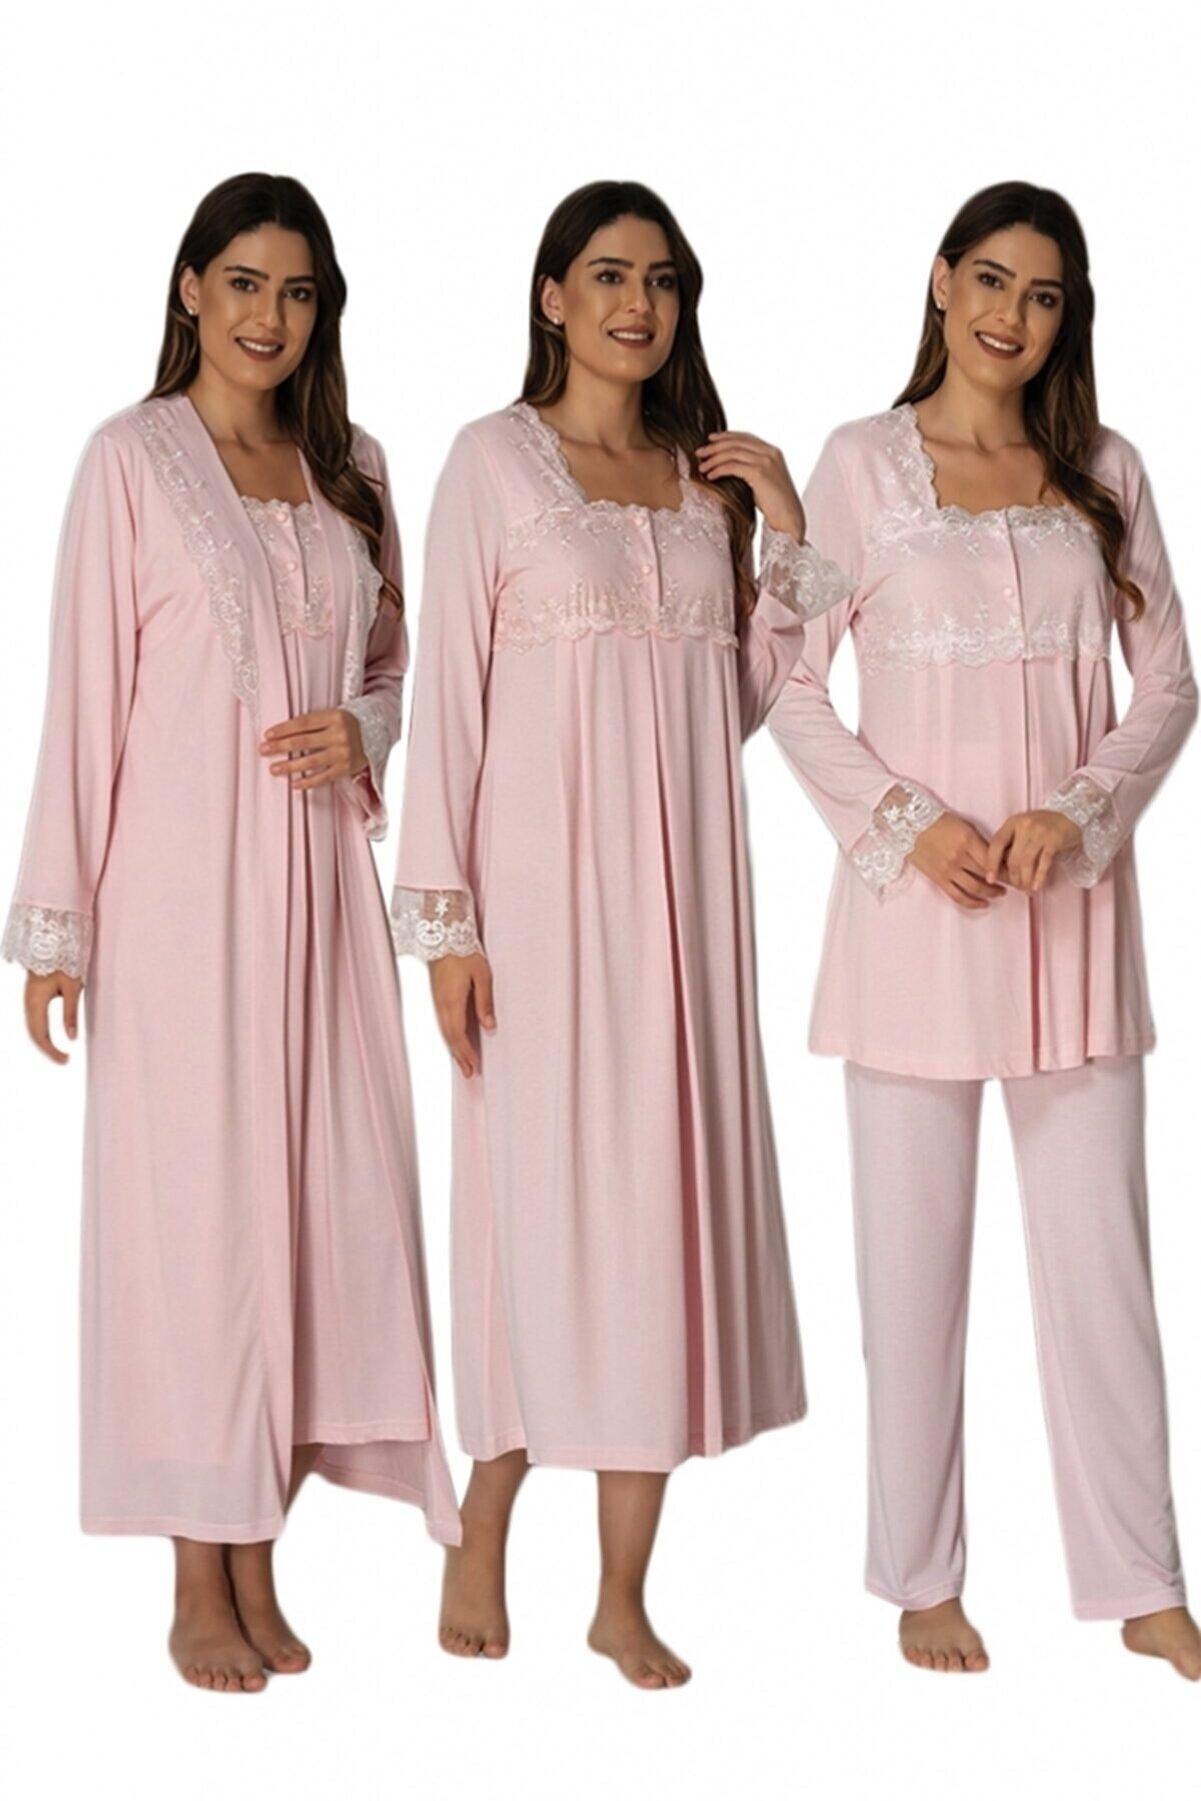 Effort Pijama Effort Pembe 4 Lü Lohusa Set 2405